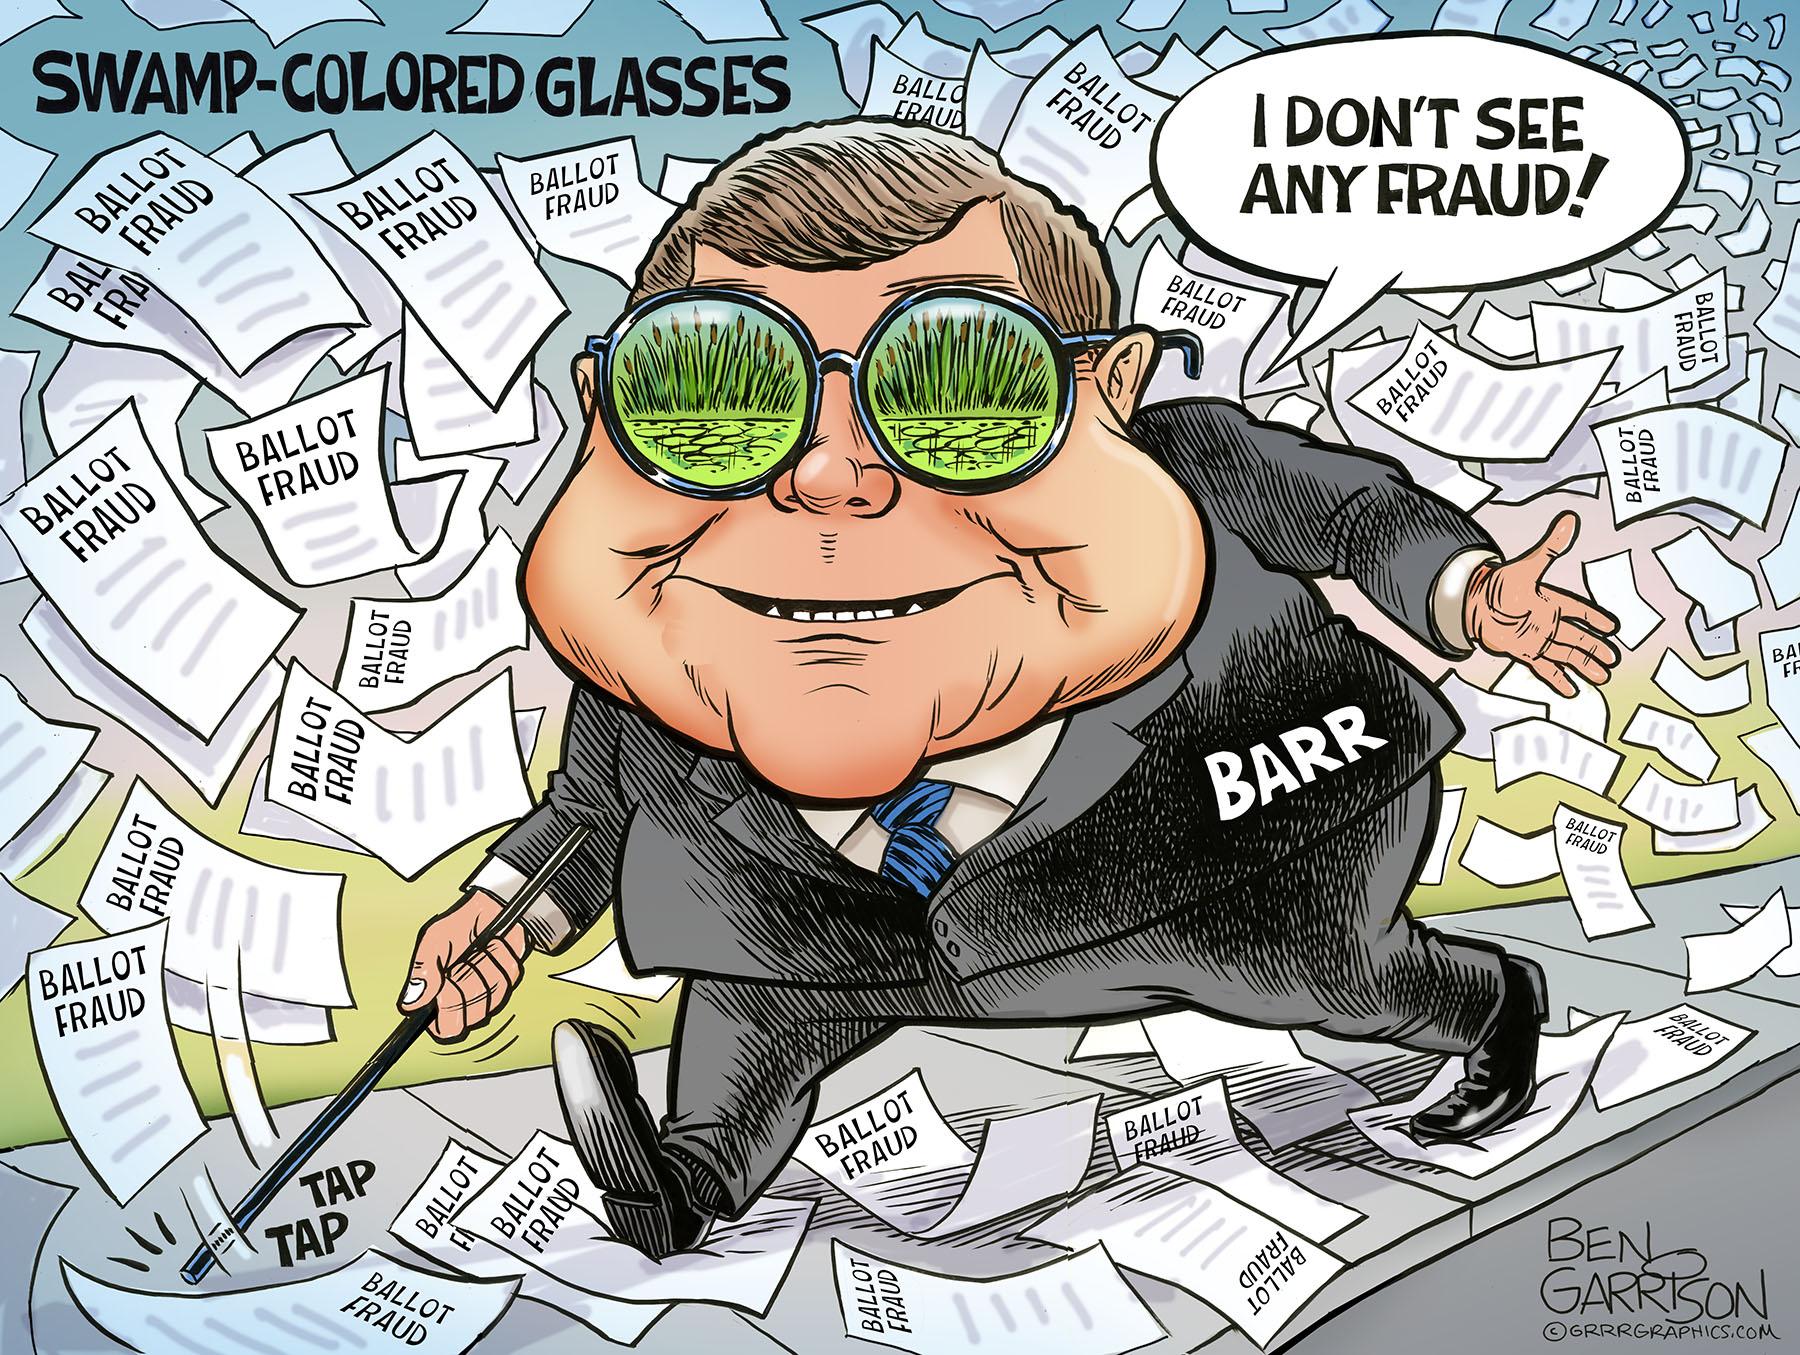 Bill Barr NO BALLOT FRAUD